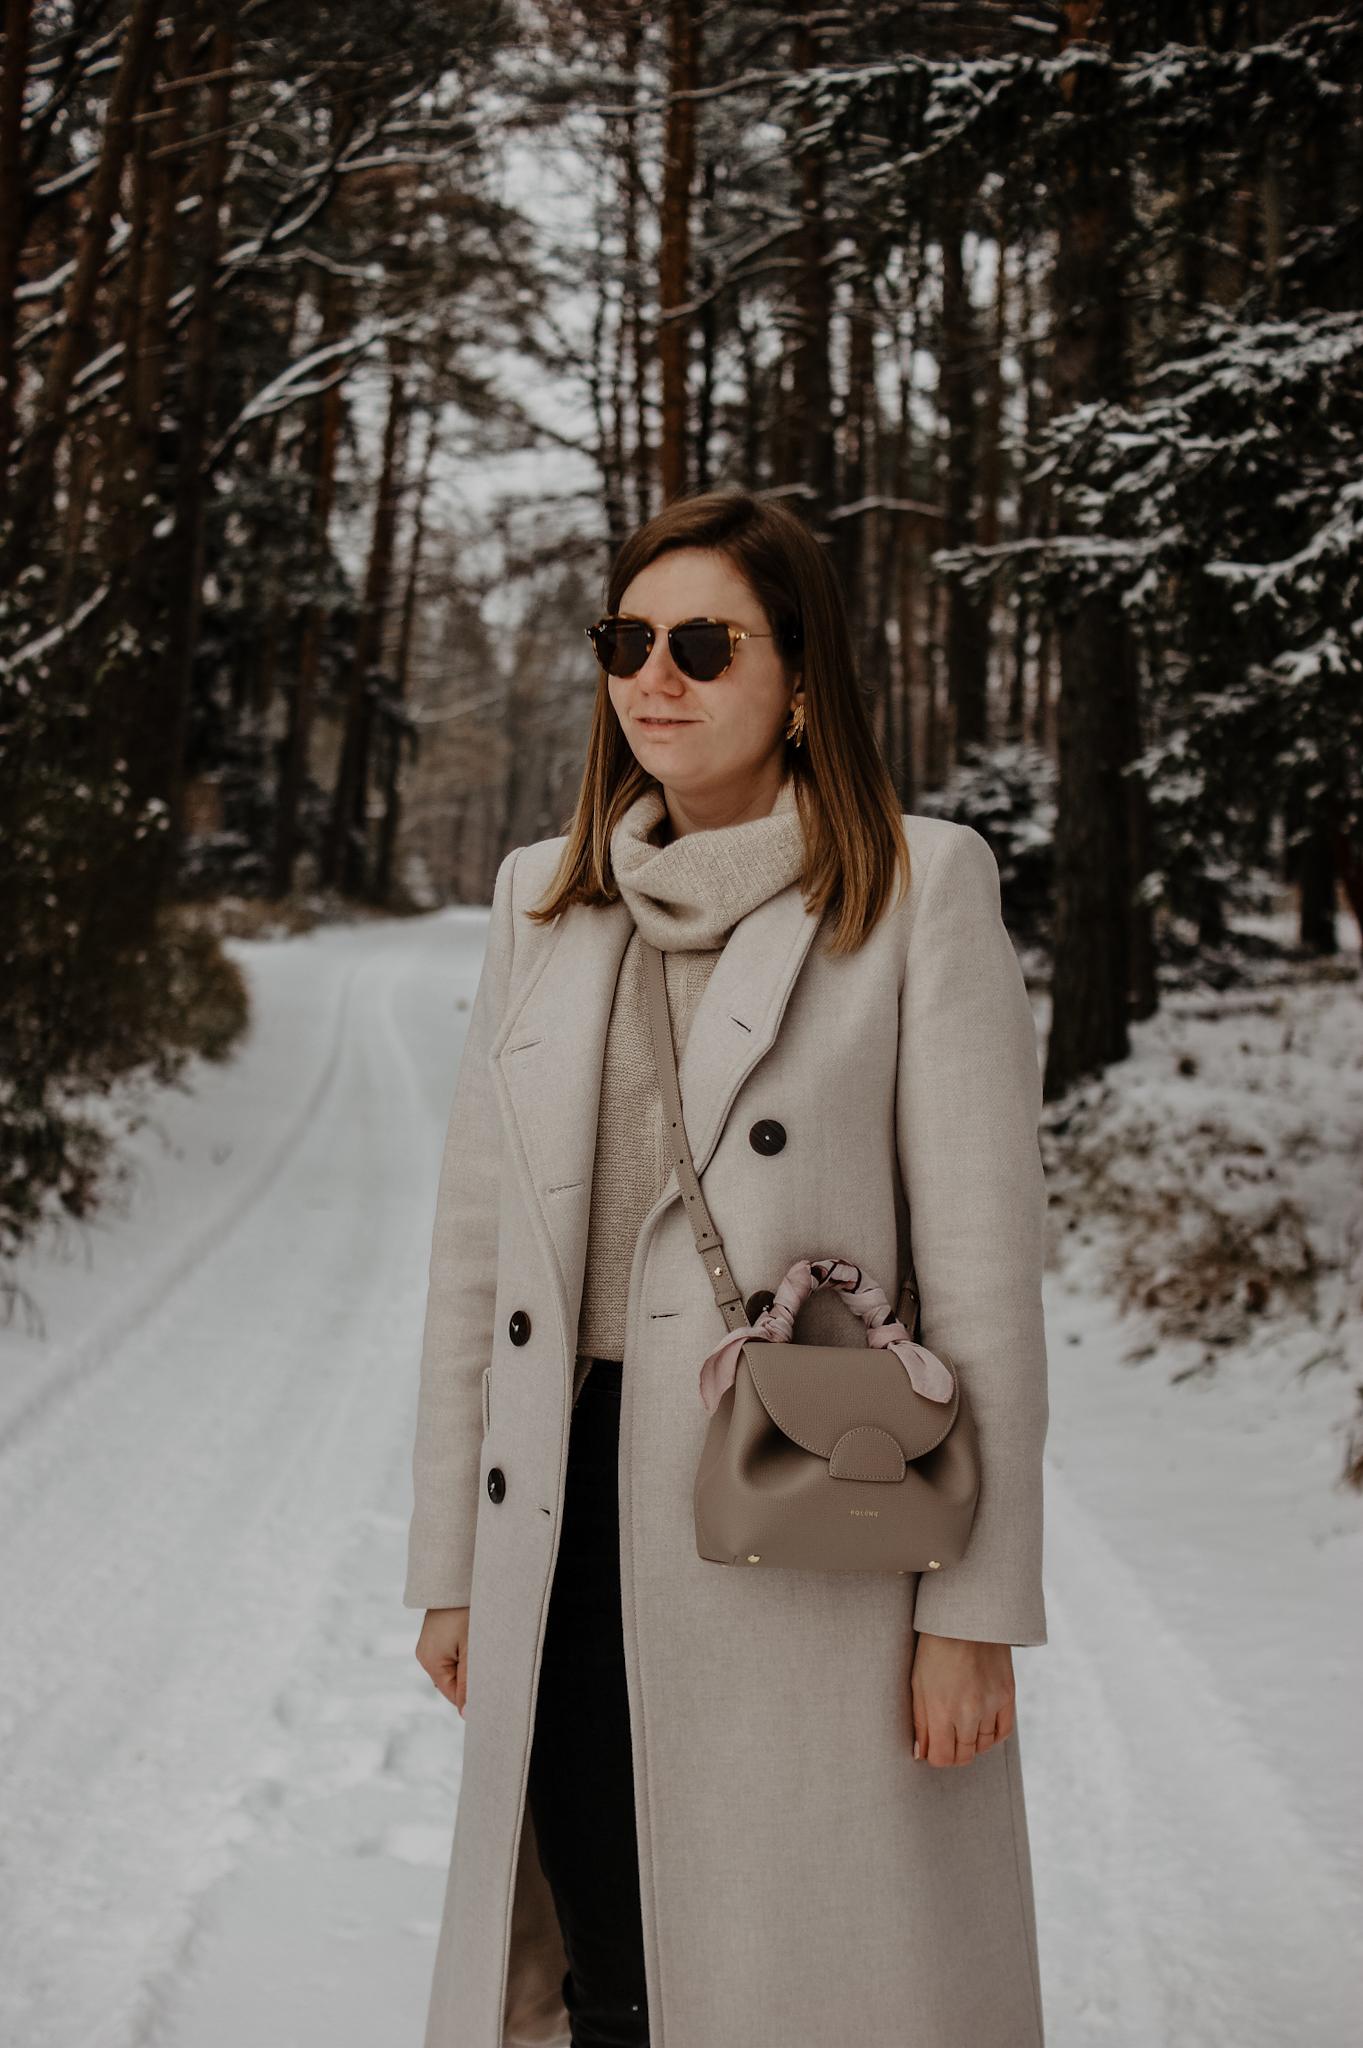 Winteroutfit im Schnee